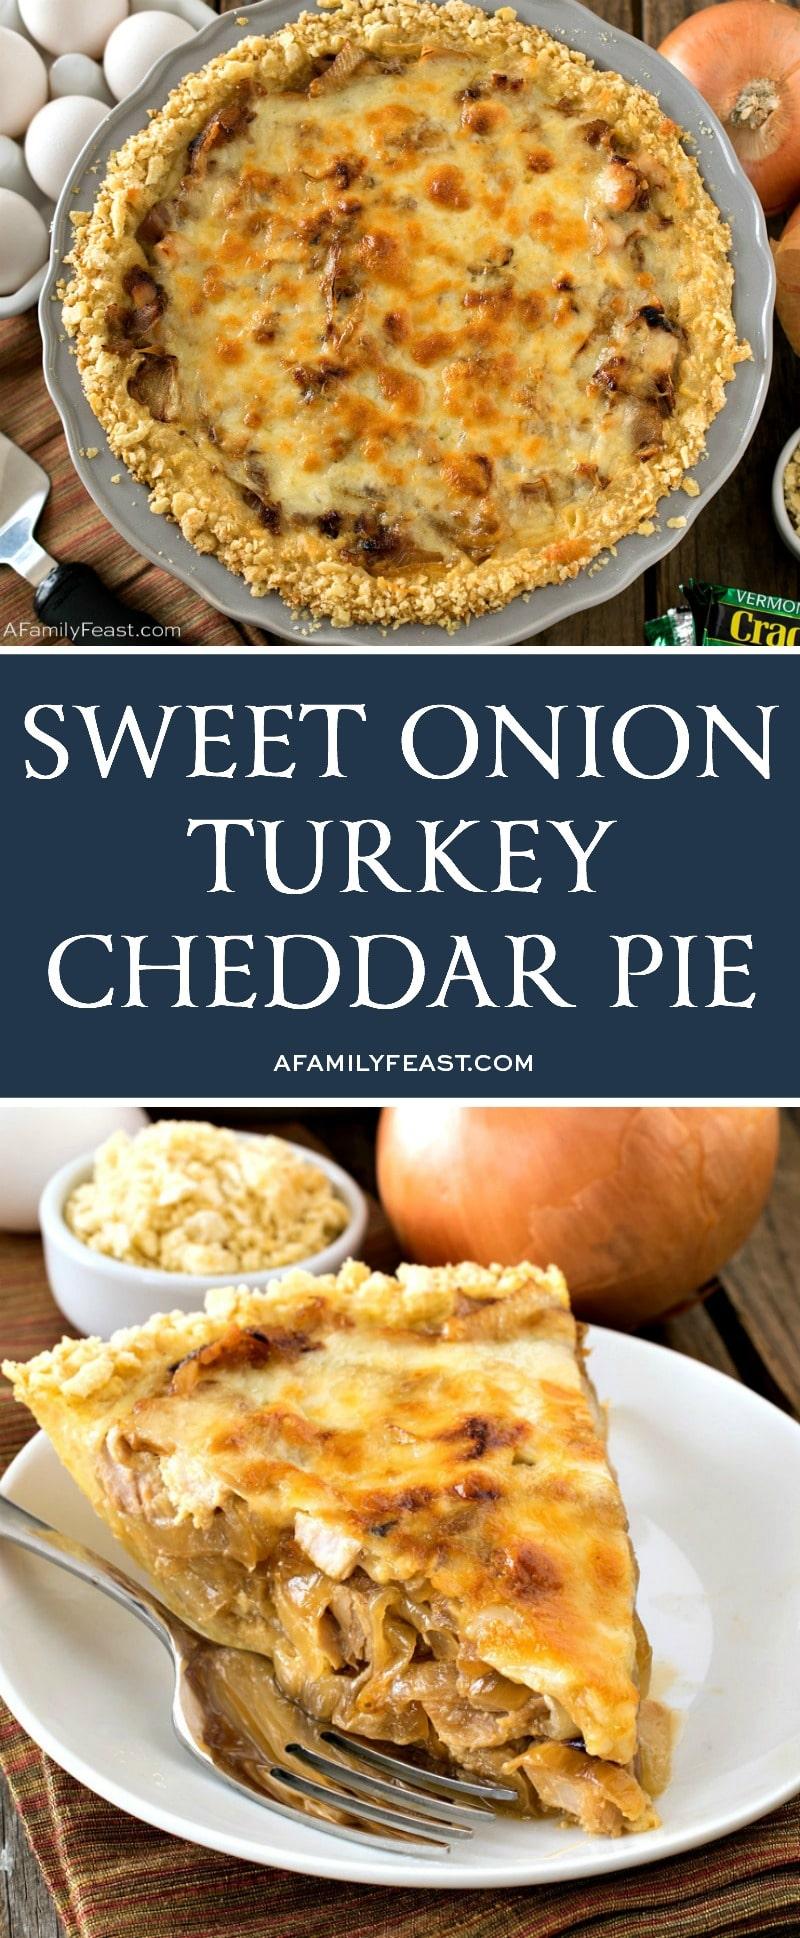 Sweet Onion Turkey Cheddar Pie